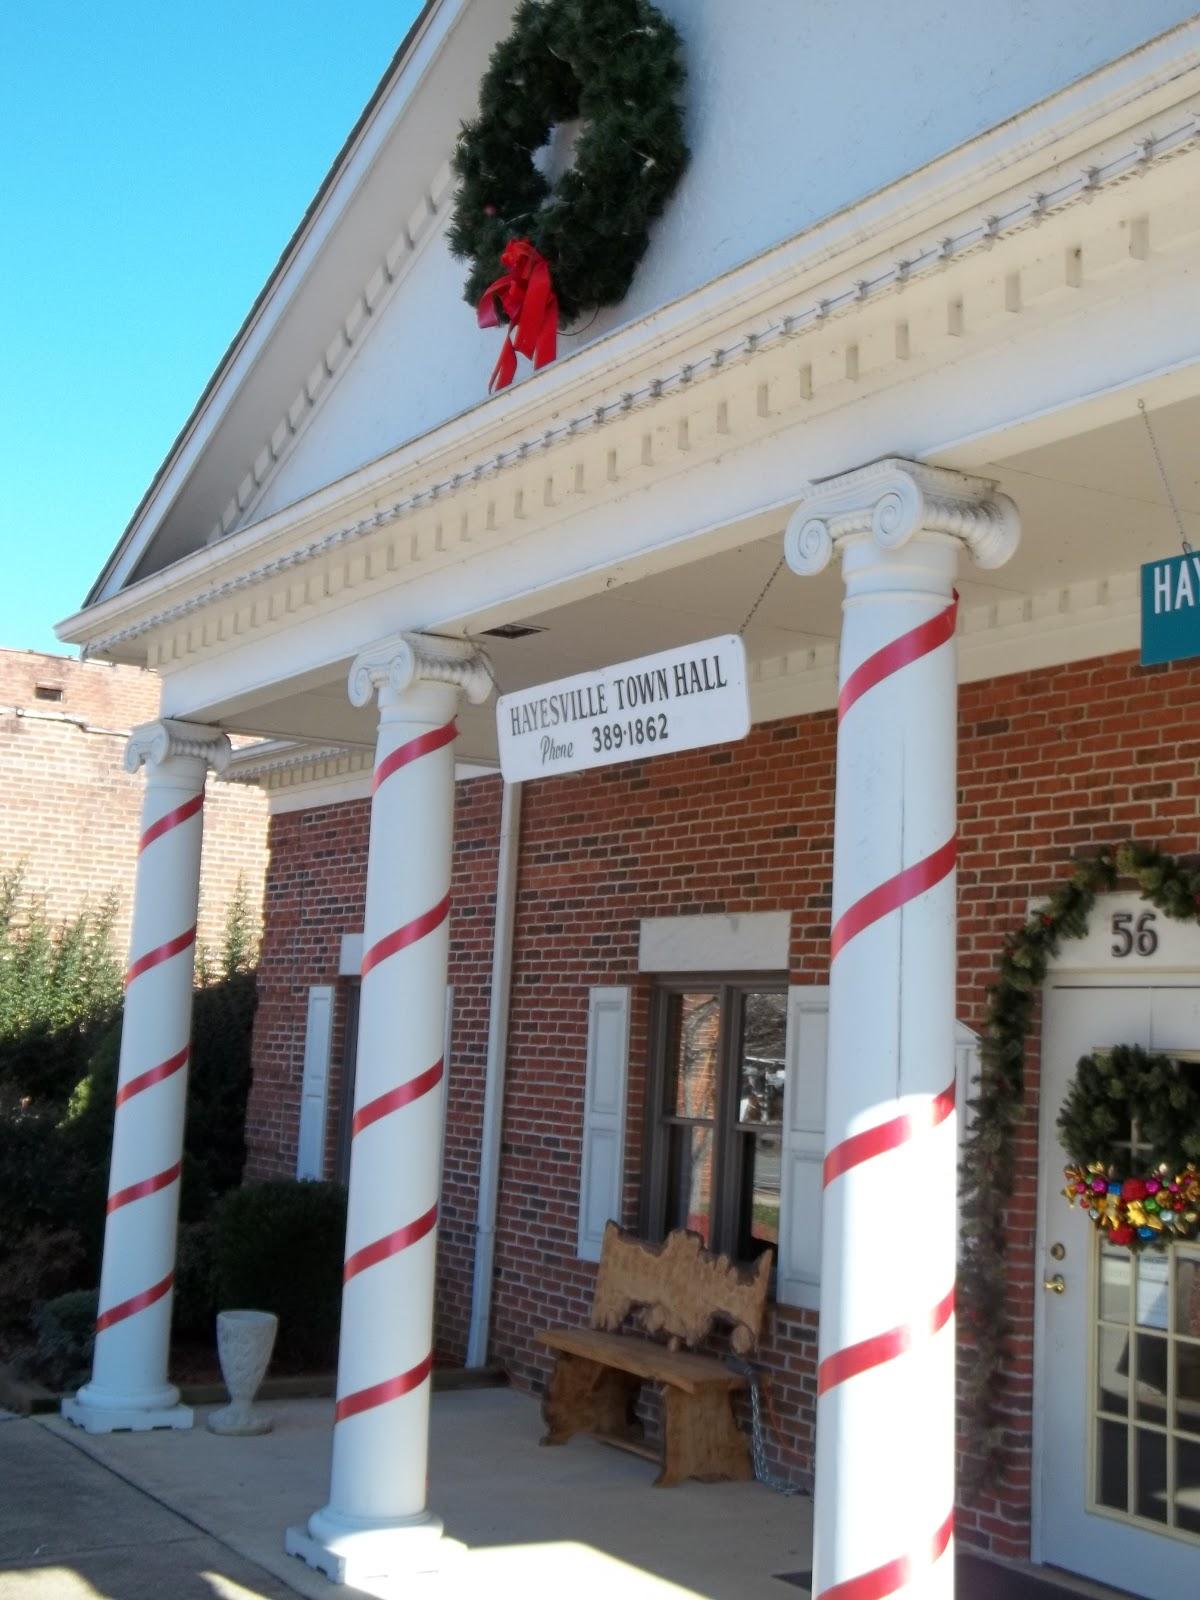 Historical Hayesvillehayesville town